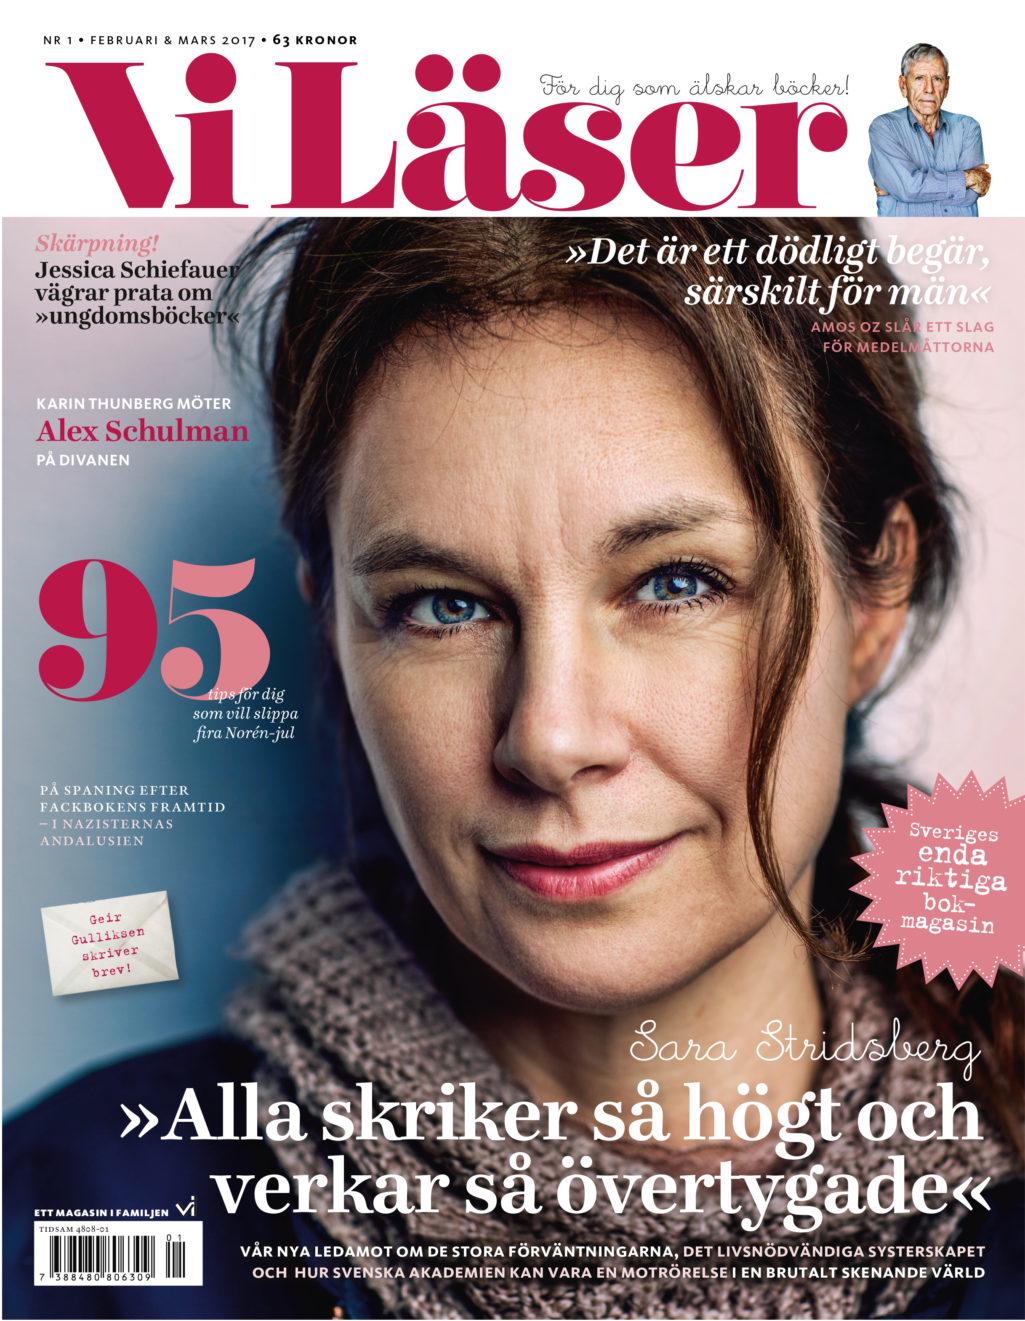 omslag_stridsberg